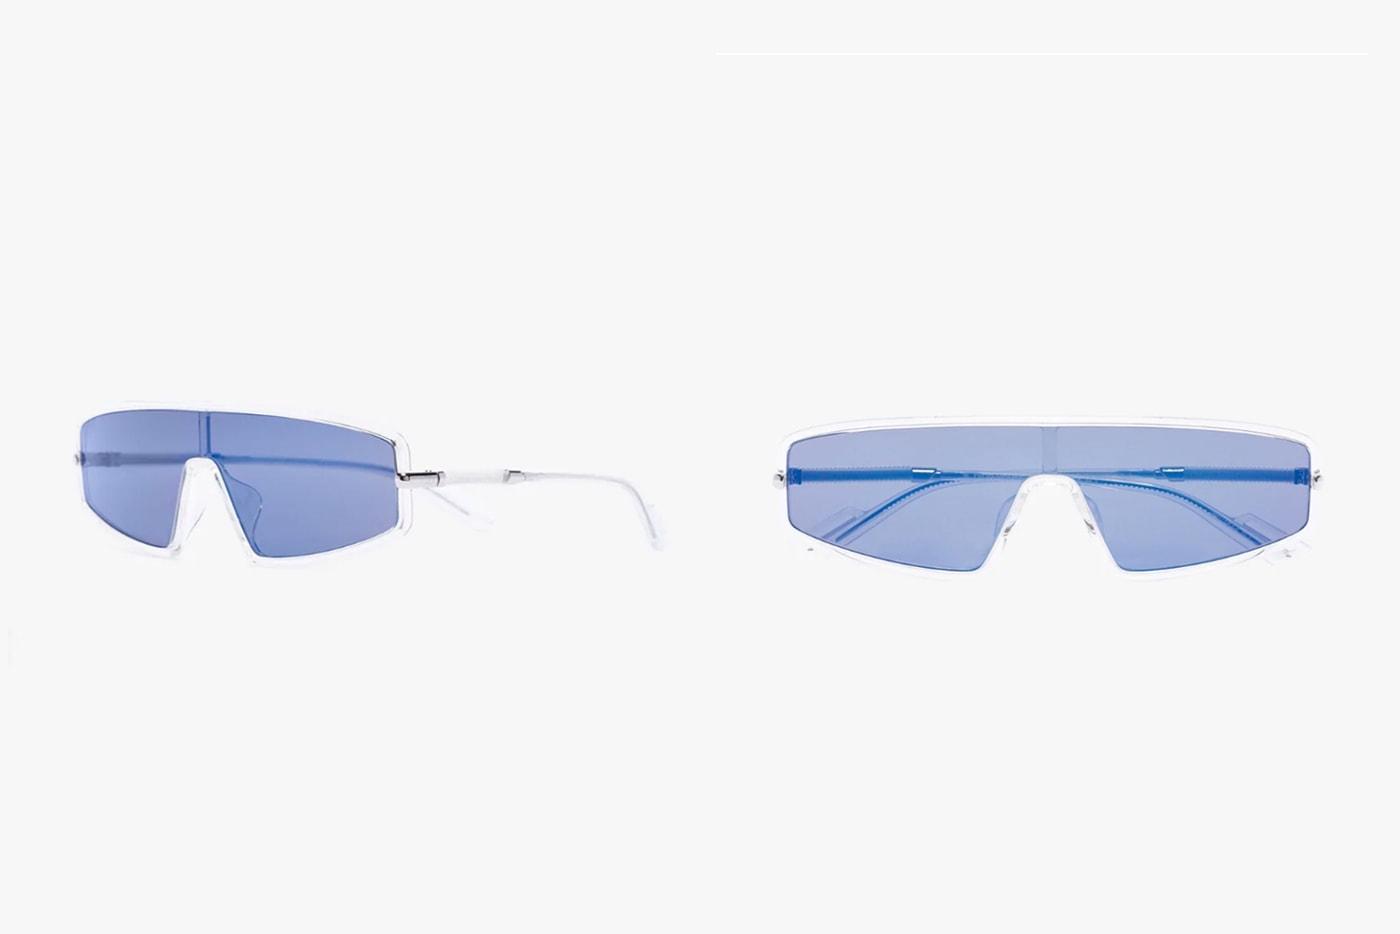 本日嚴選 8 款眼鏡單品入手推介